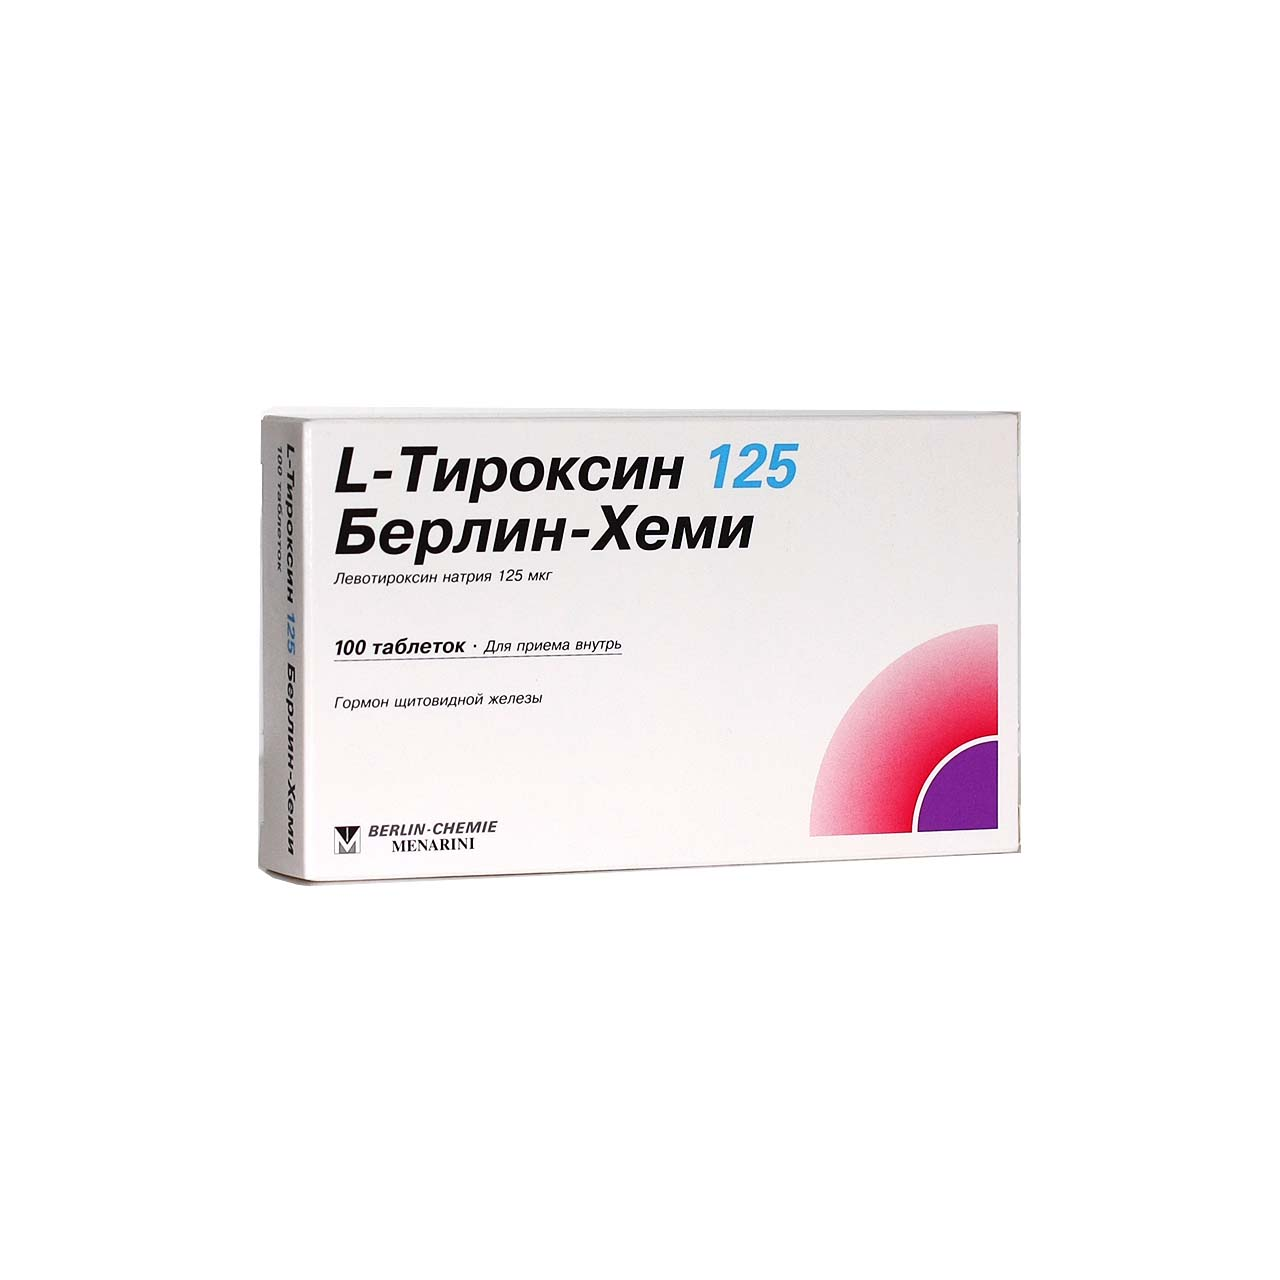 Л тироксин – инструкция по применению